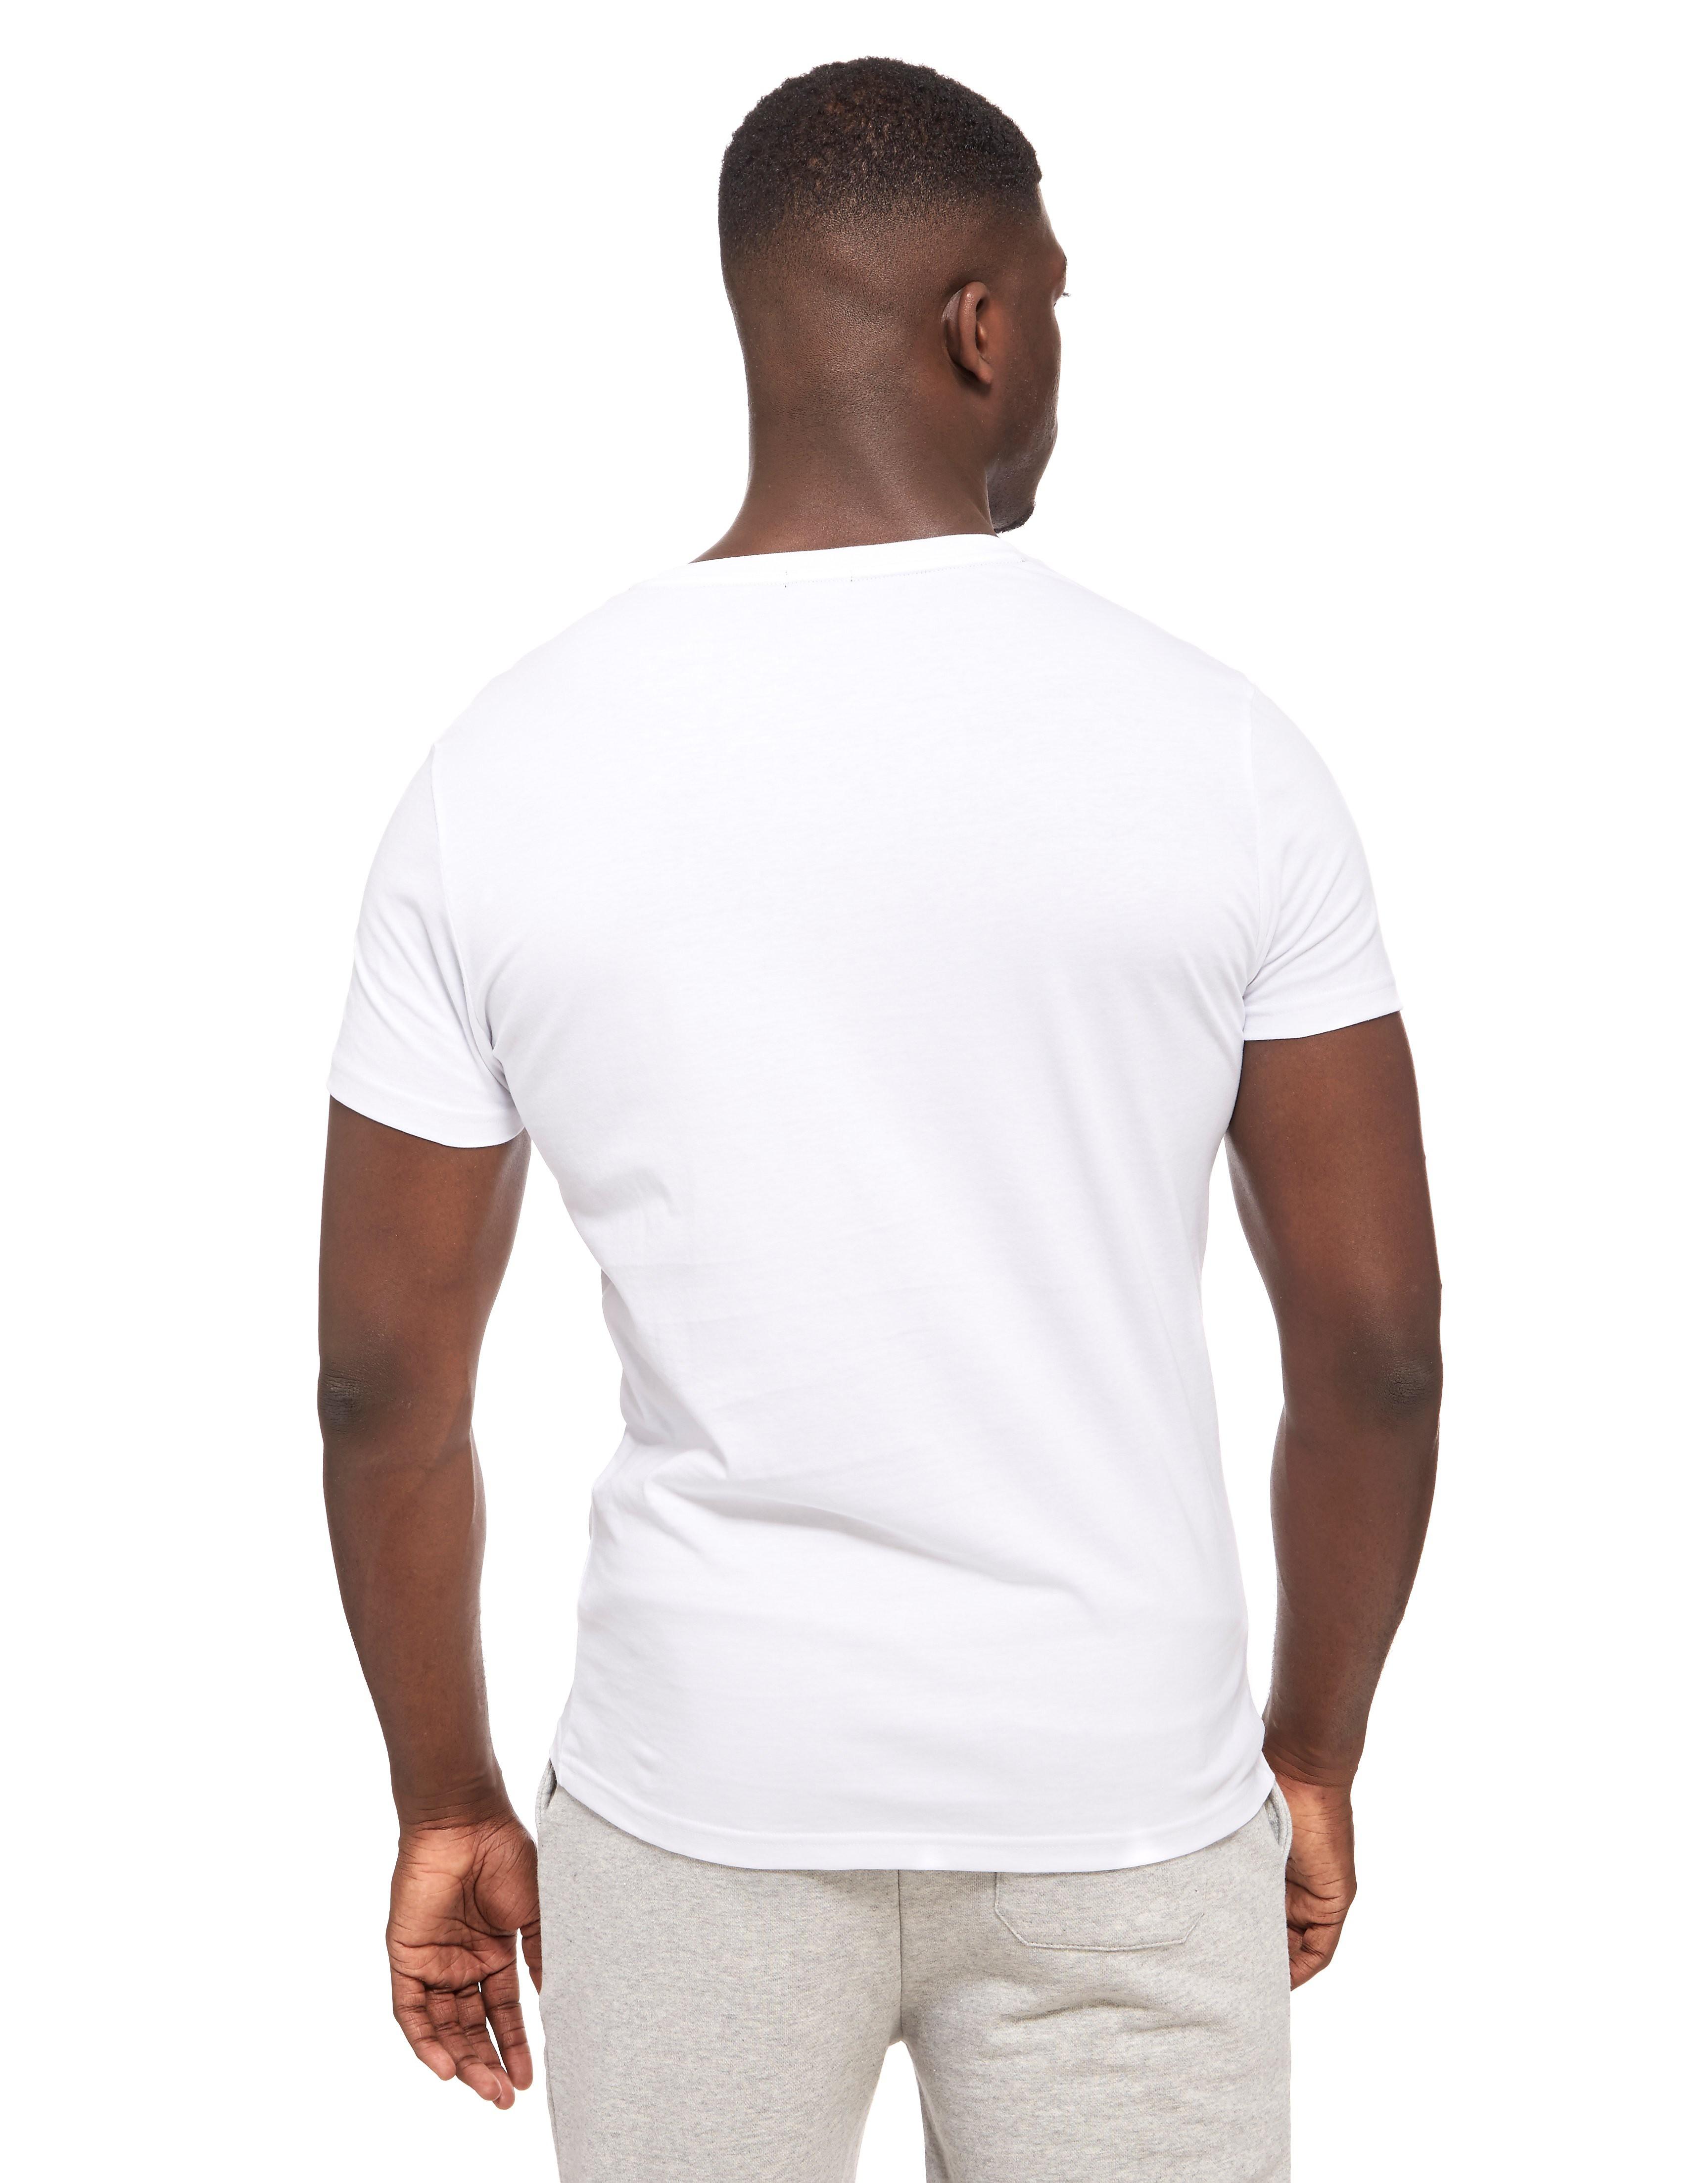 Tommy Hilfiger Arch Logo T-Shirt